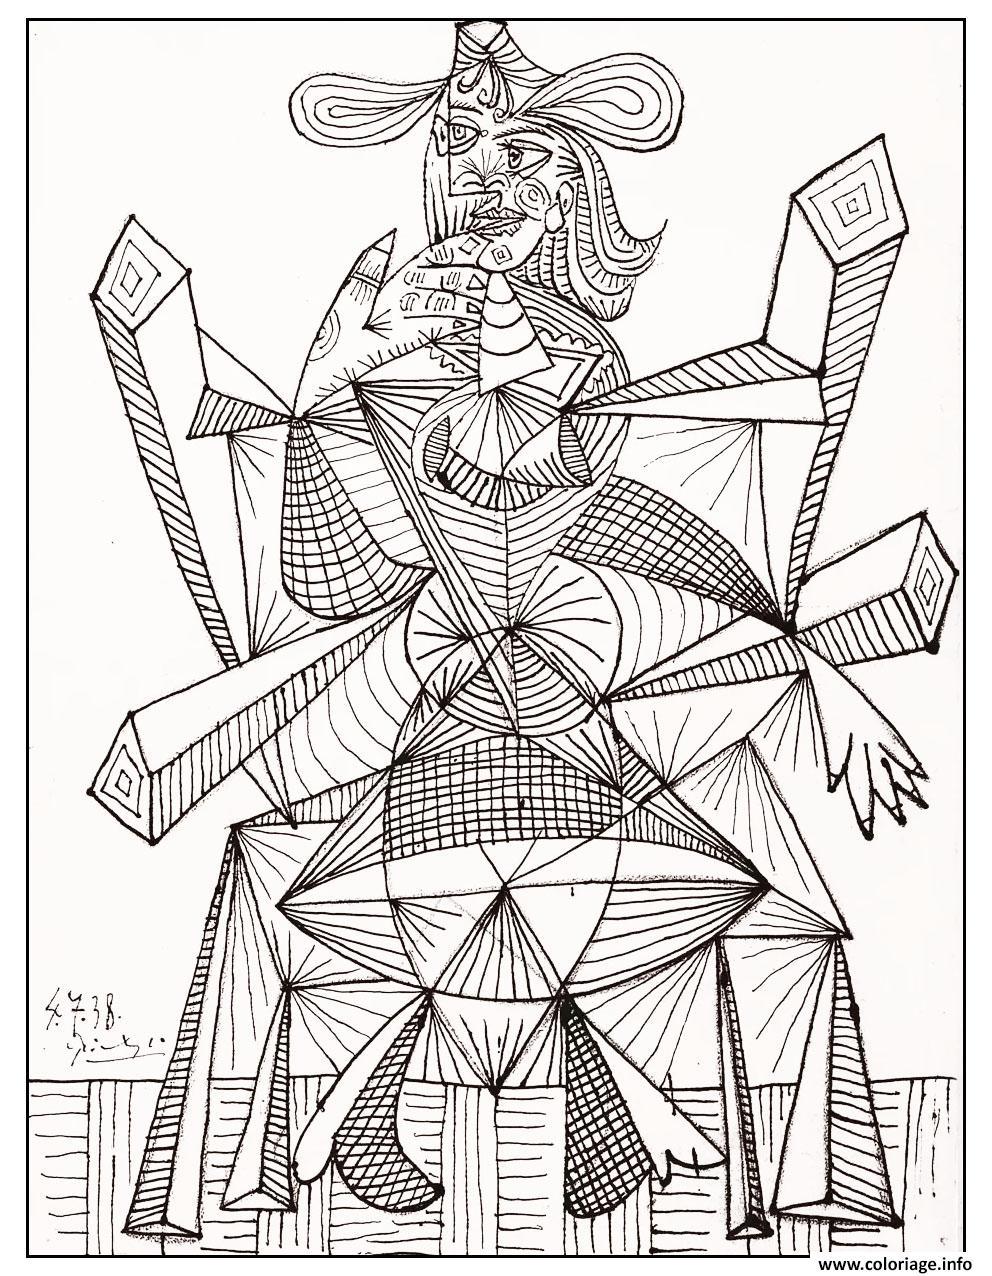 Coloriage Dessin Noir Blanc Picasso De 1938 Jecolorie Com